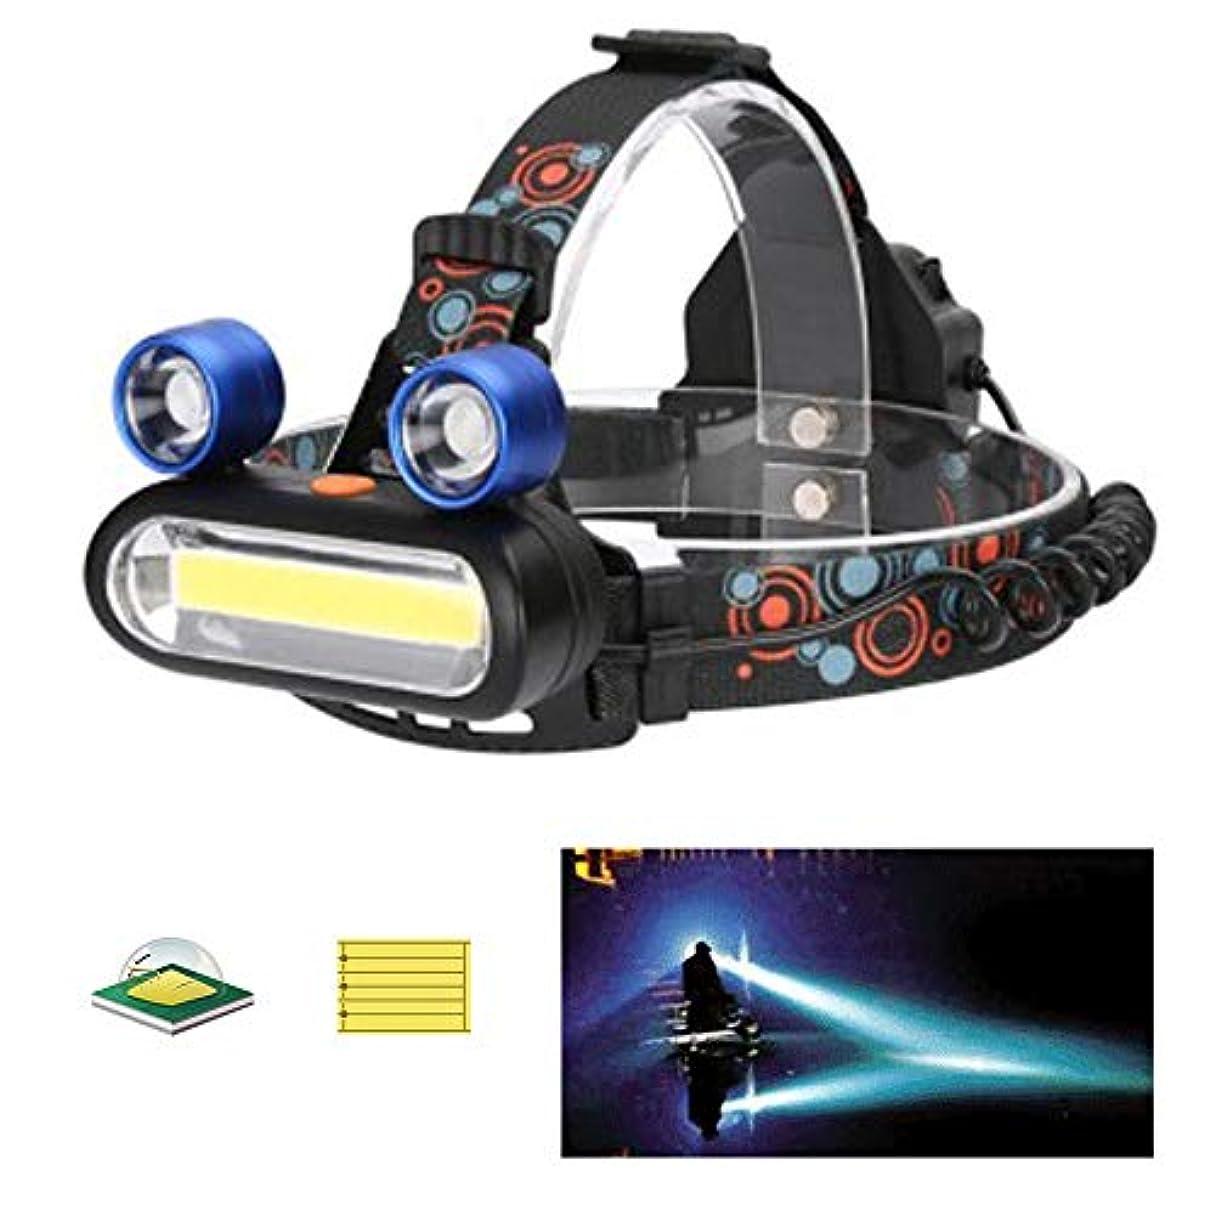 光沢平均加速する発信スタイルの楽しみ5000LM XM-L T6 LEDヘッドランプヘッドライトトーチズーム可能2 x 18650バッテリー+充電器